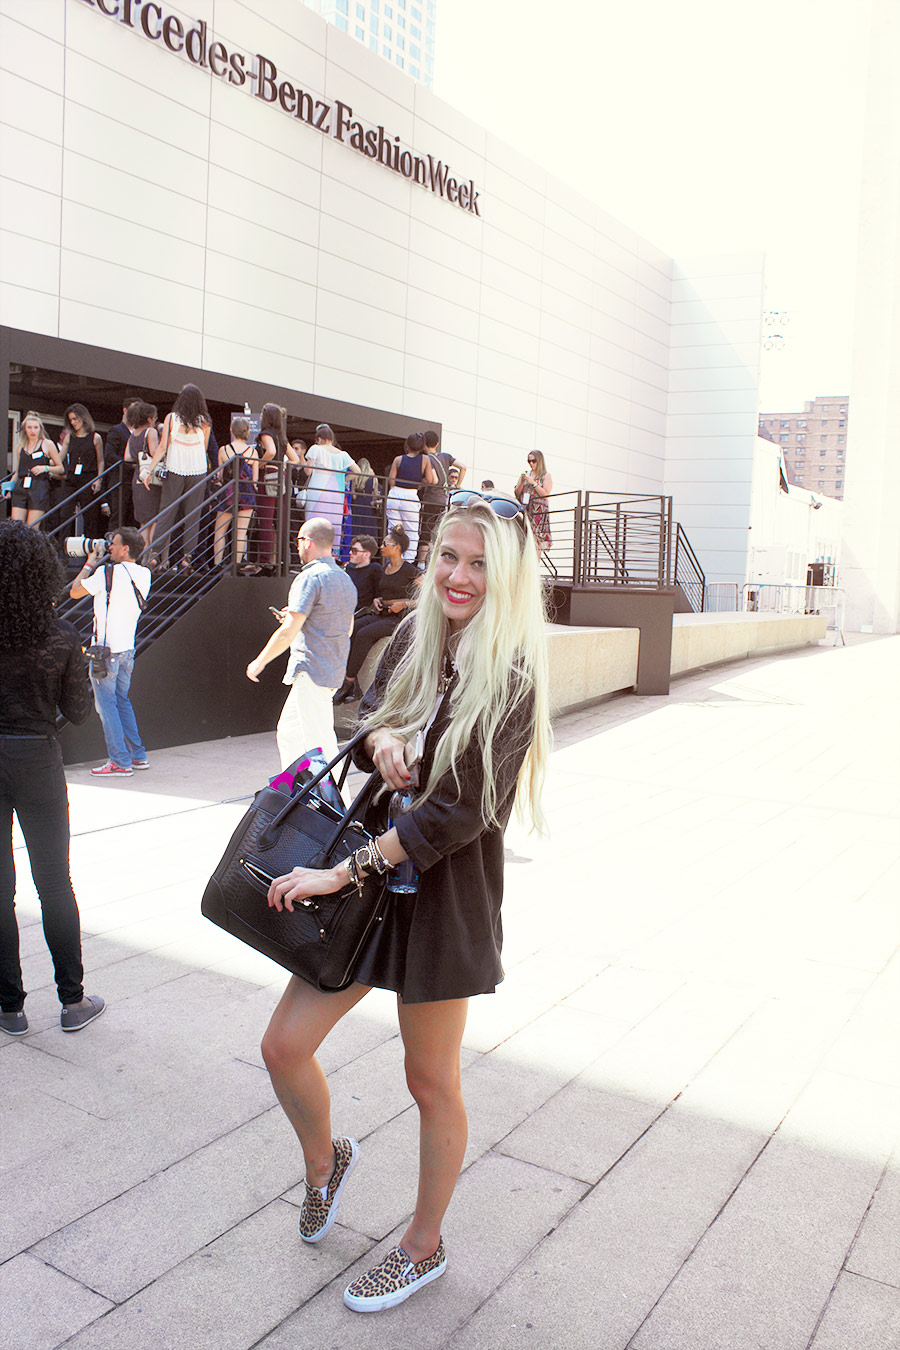 Blondeblogger